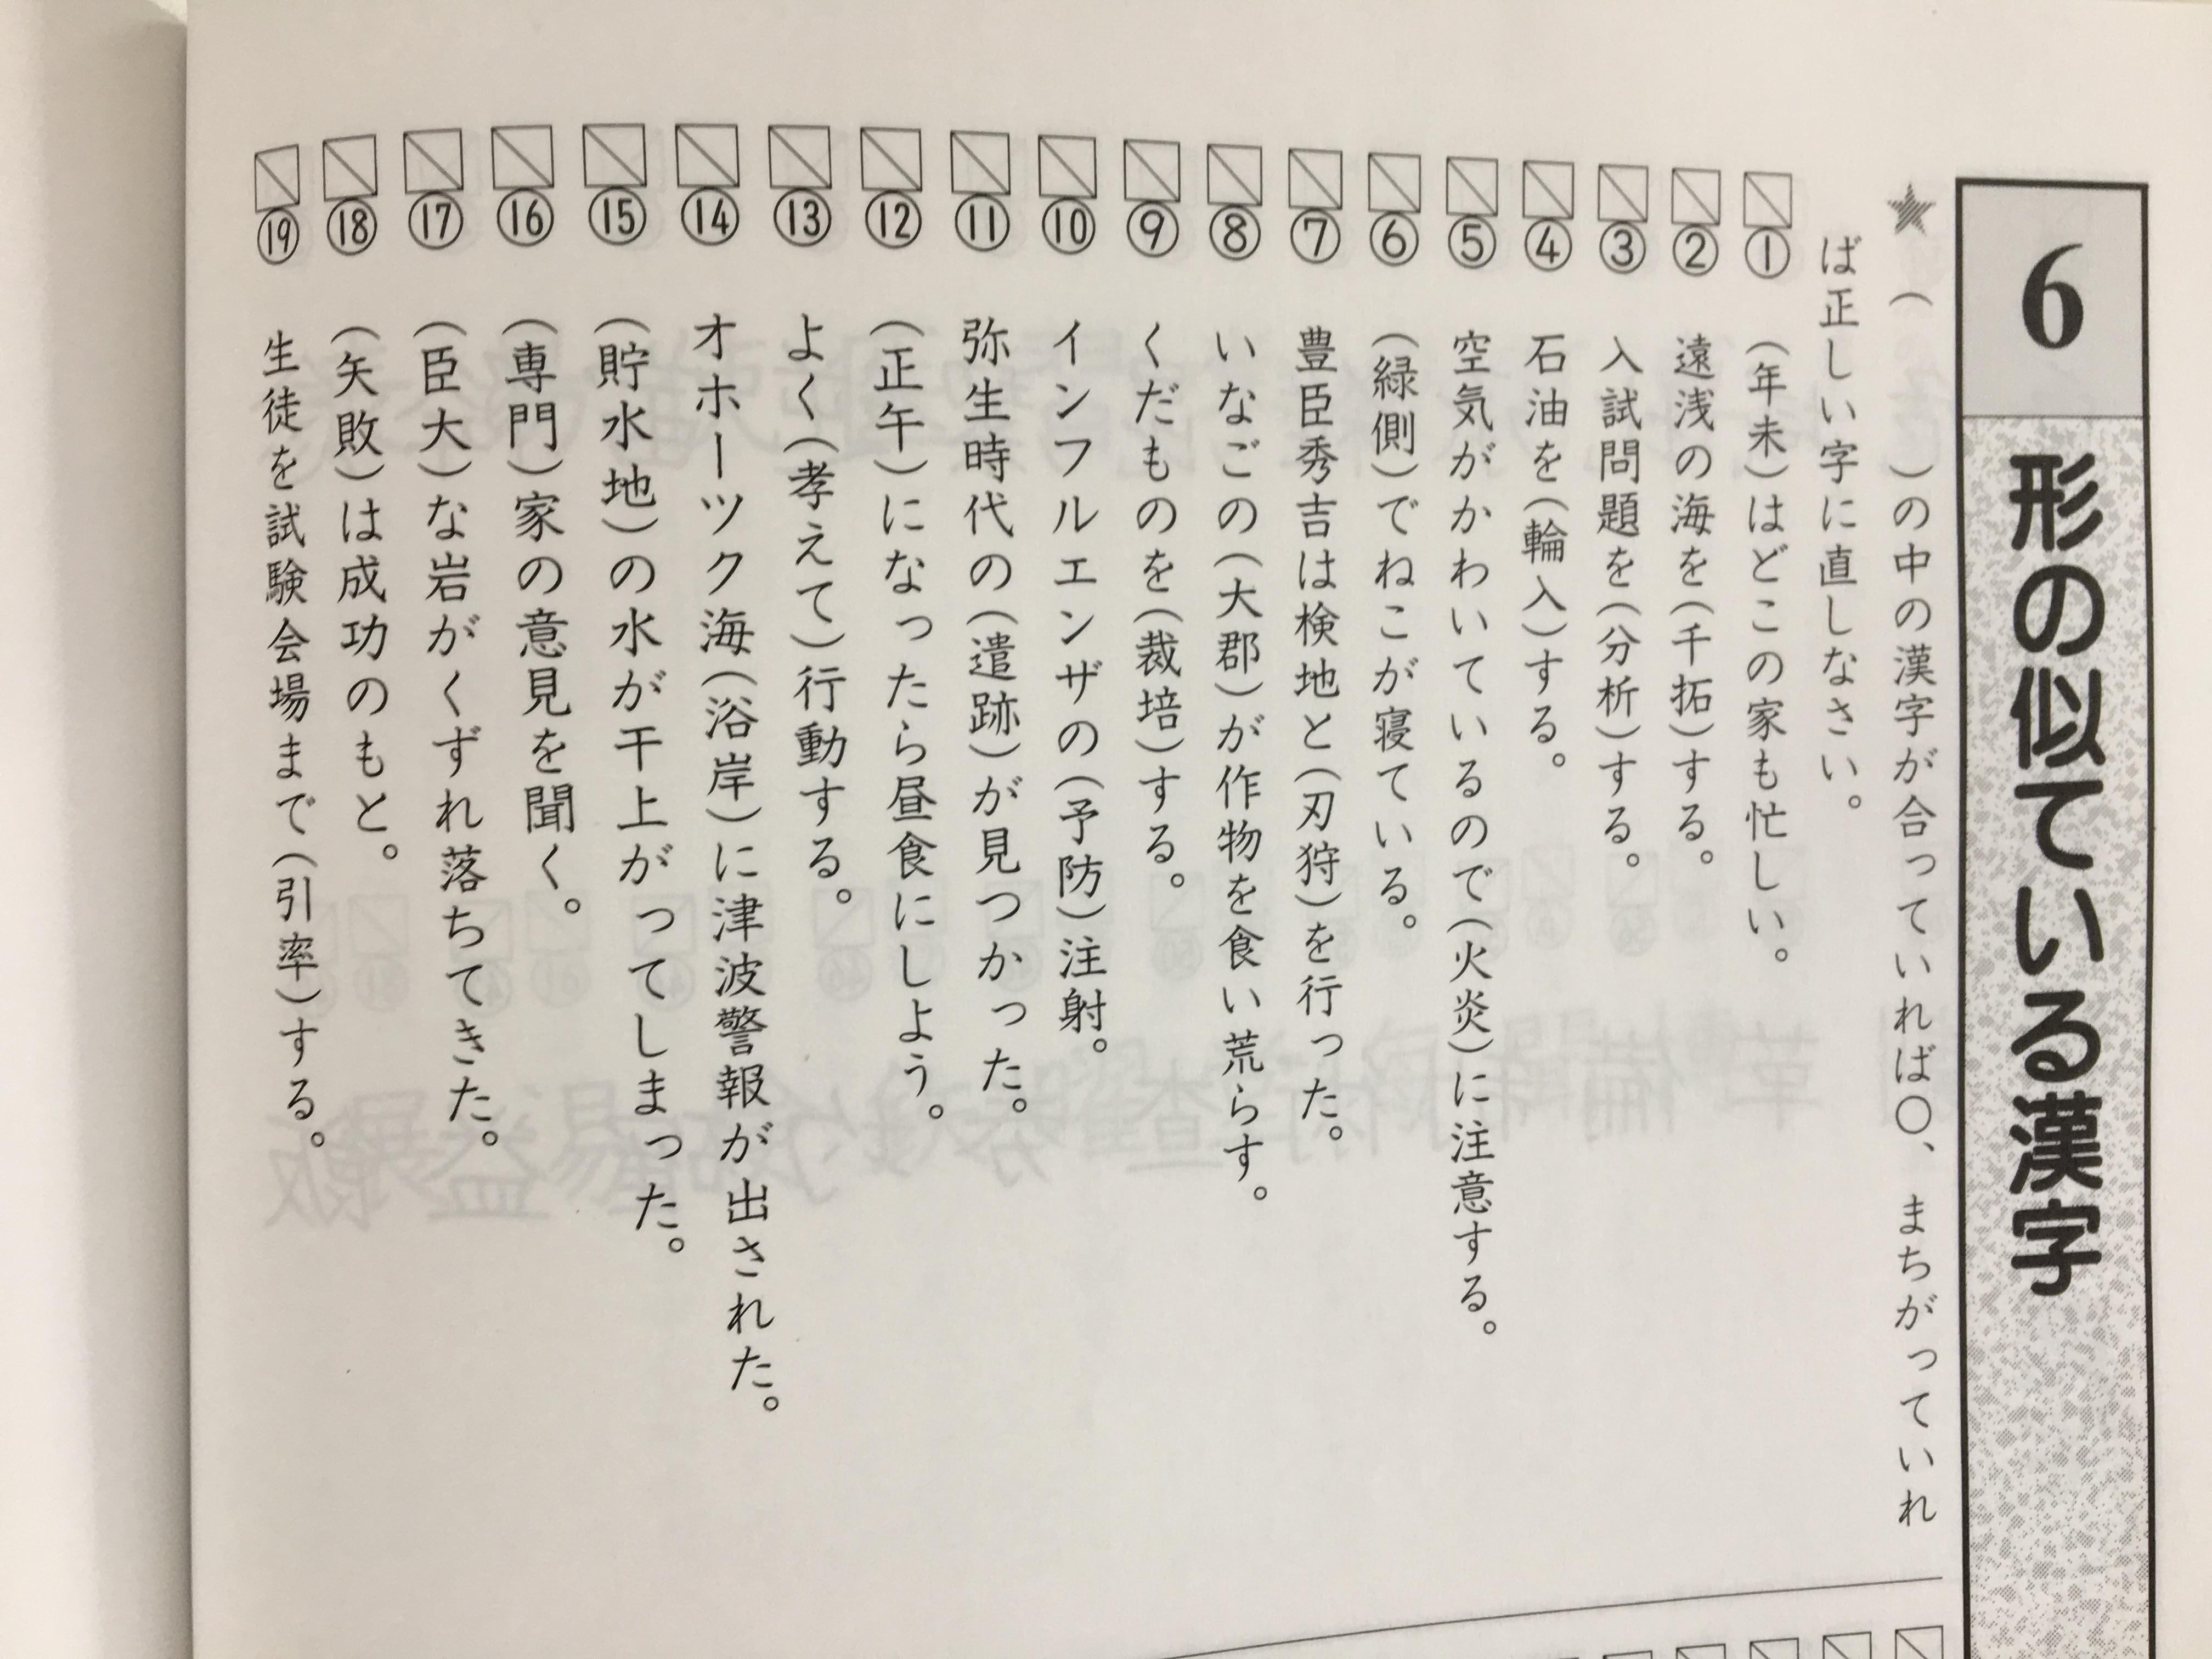 似 て いる 漢字